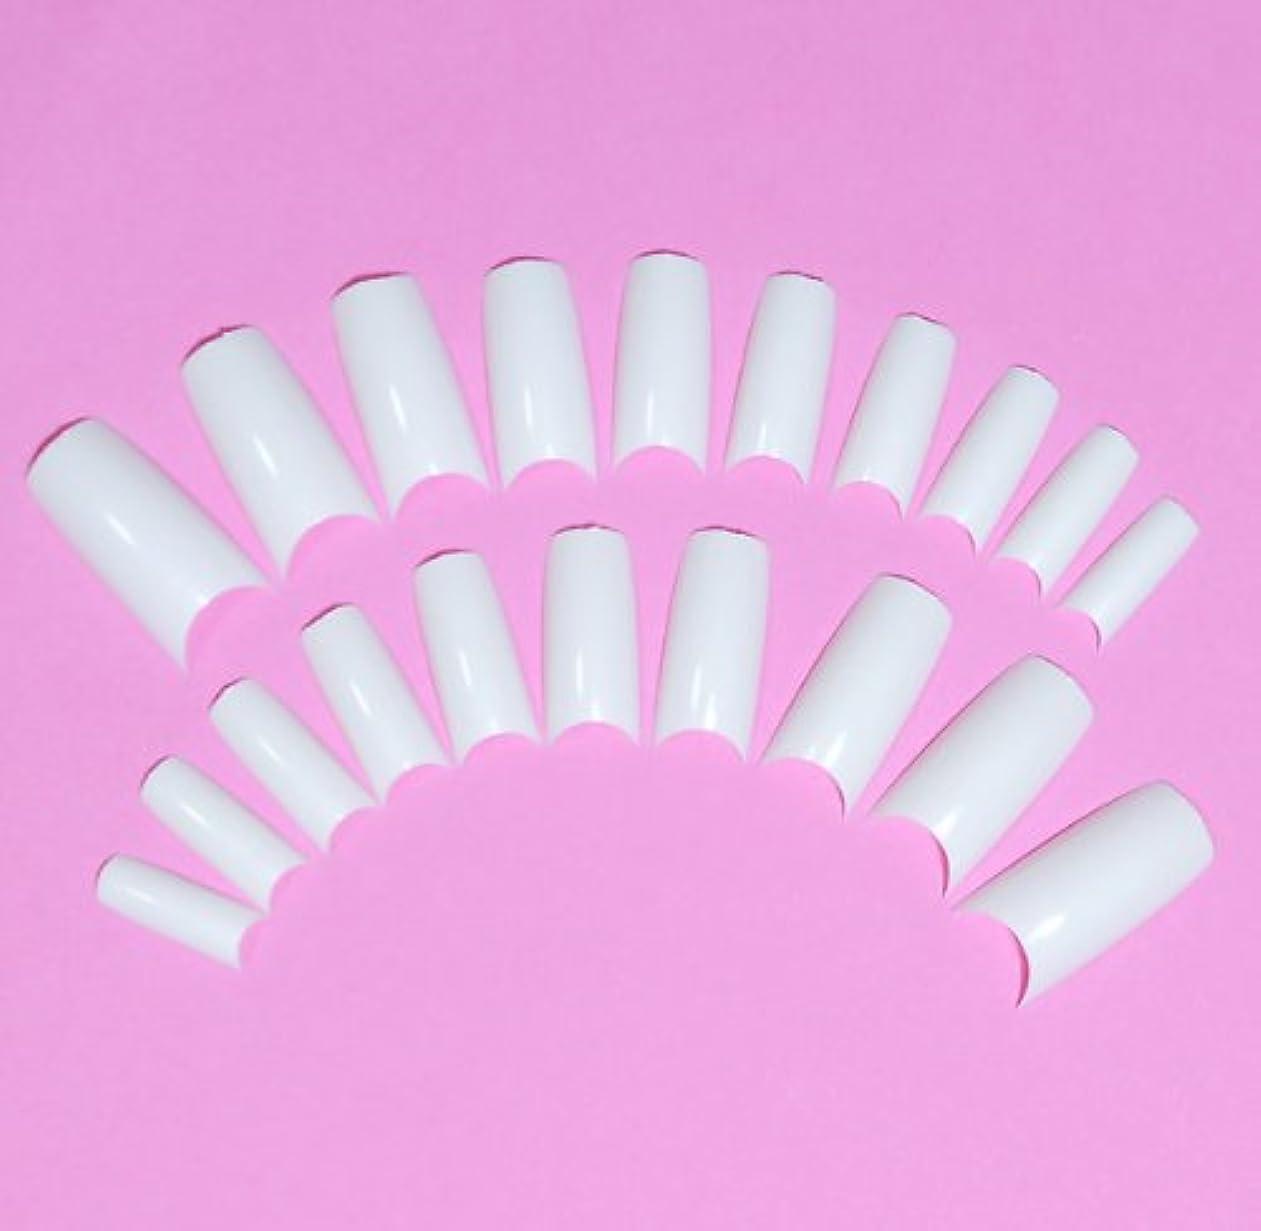 パッドプレゼンターアクティビティネイルチップ チップオーバーレイ用 20枚入 フレンチホワイト スカルプチャー つけ爪付け爪